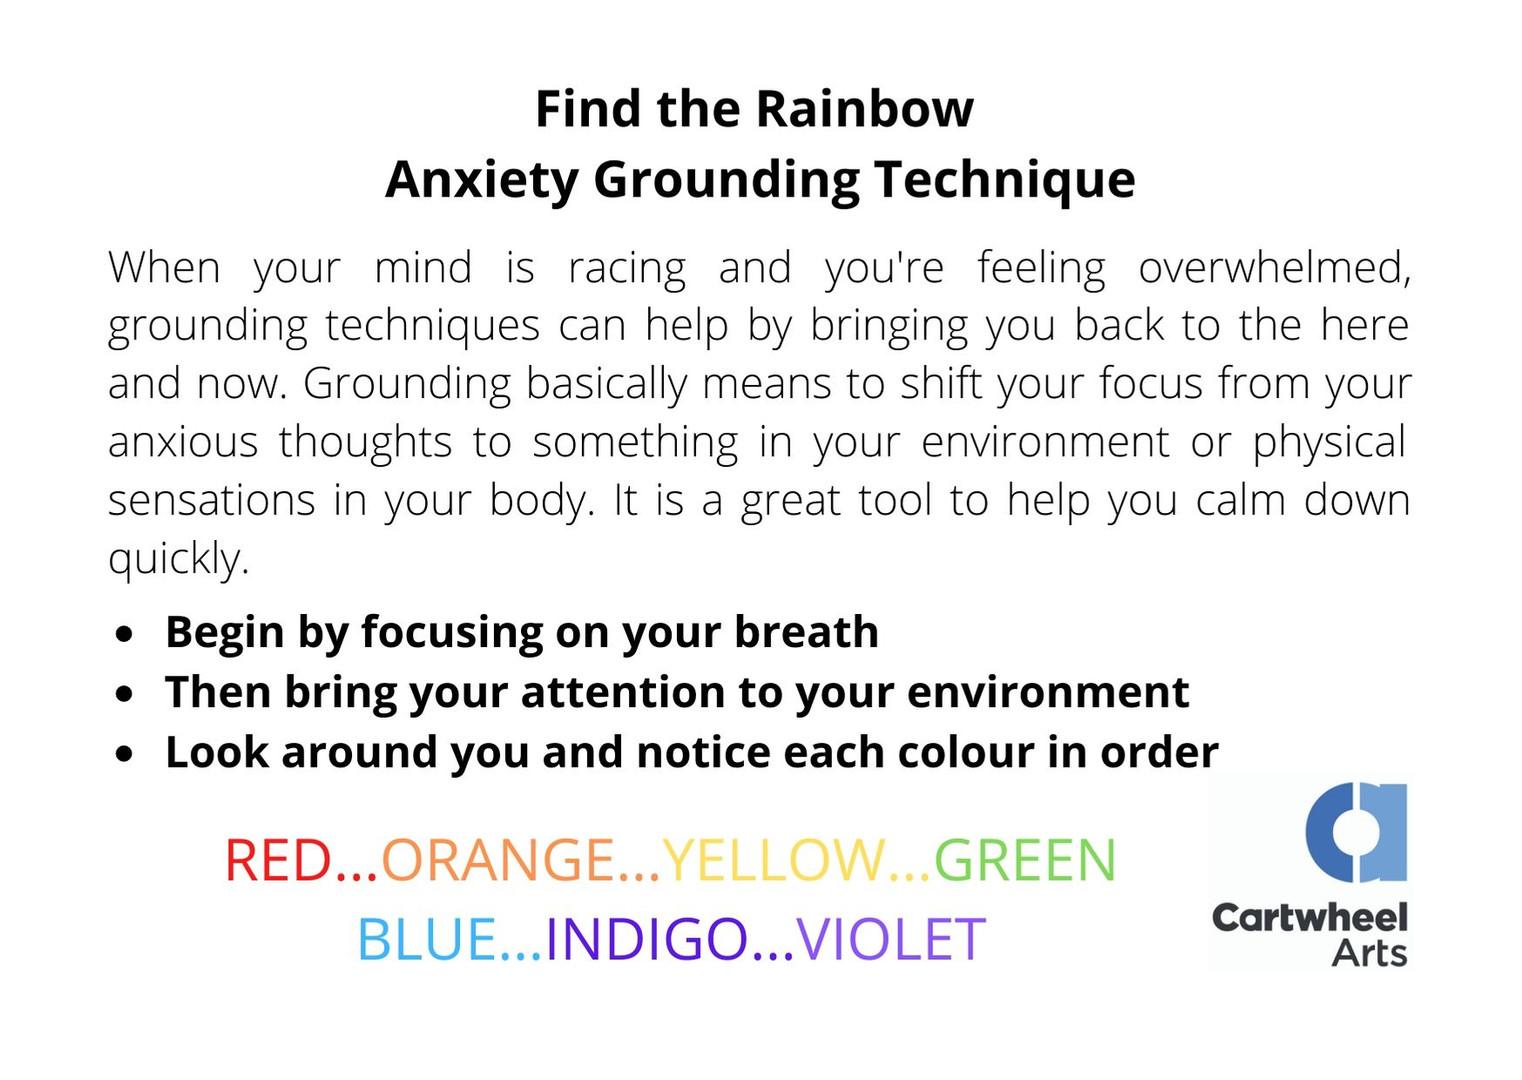 Rainbow Anxiety Grounding Technique (3).